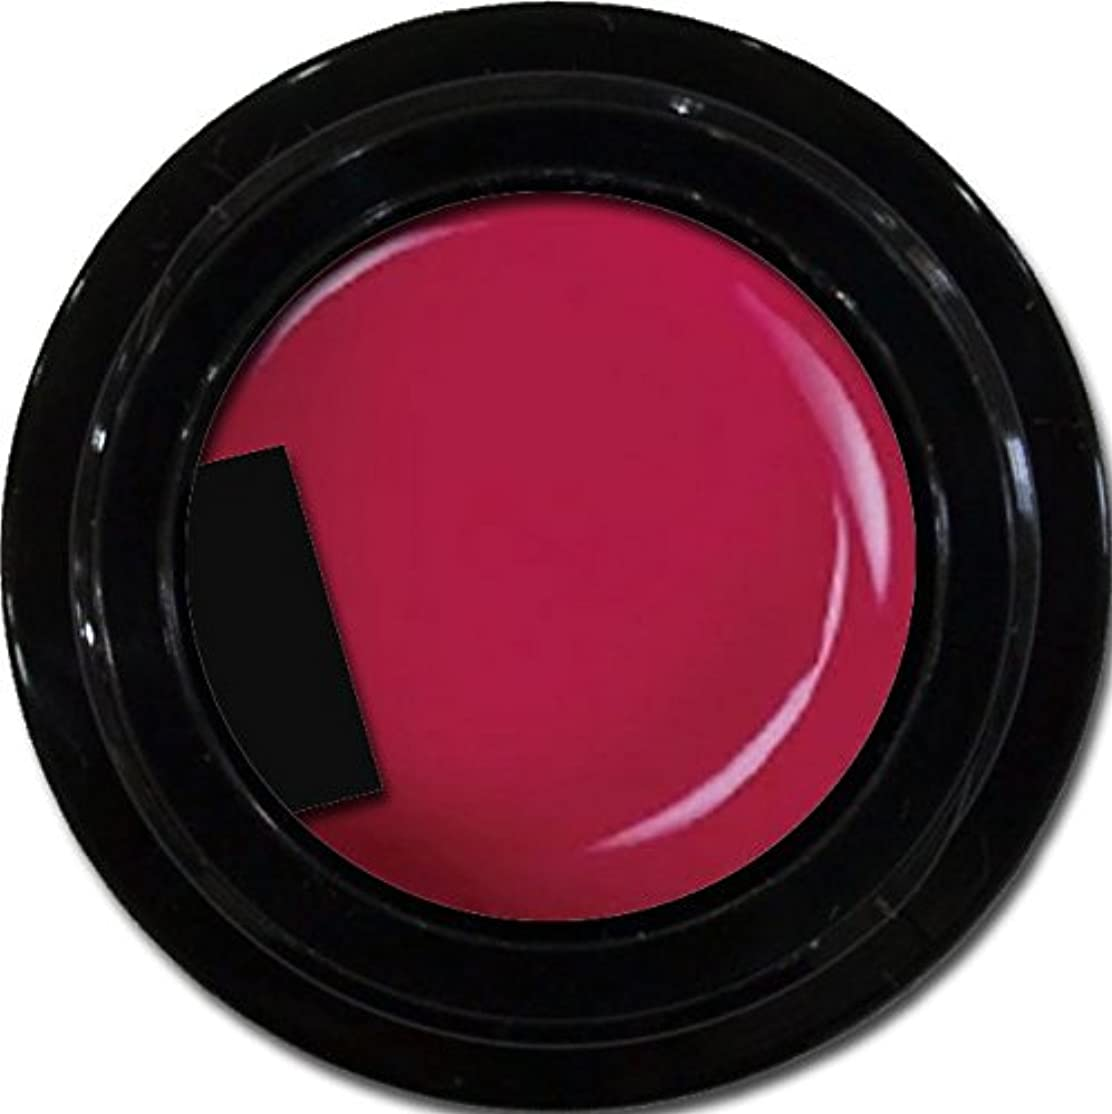 インスタンスモールス信号彼女はカラージェル enchant color gel M404 RougeRed 3g/ マットカラージェル M404ルージュレッド 3グラム